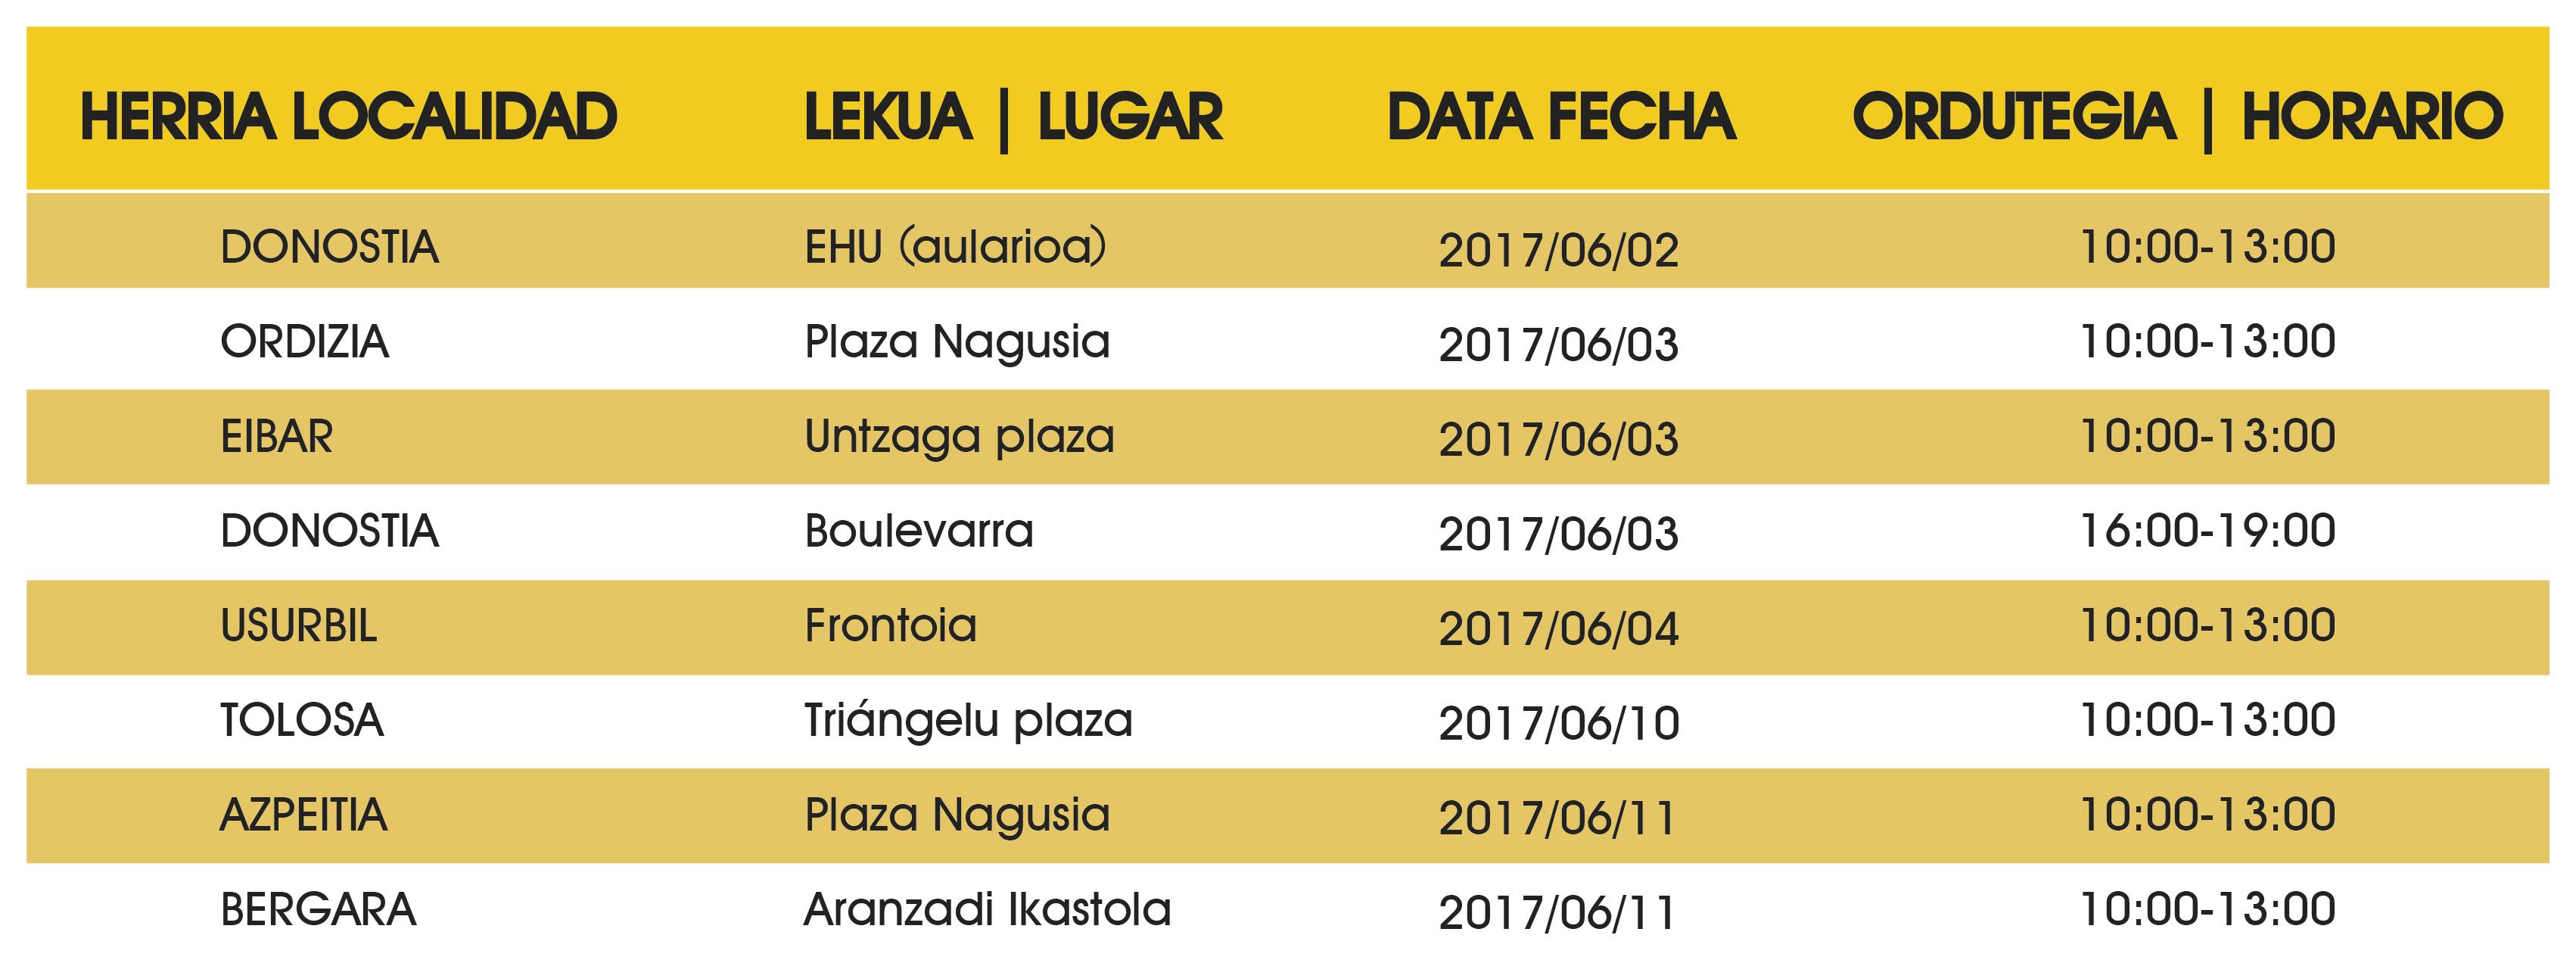 Tabla-localizaciones_sin-hondarribia_MIX-Total_2